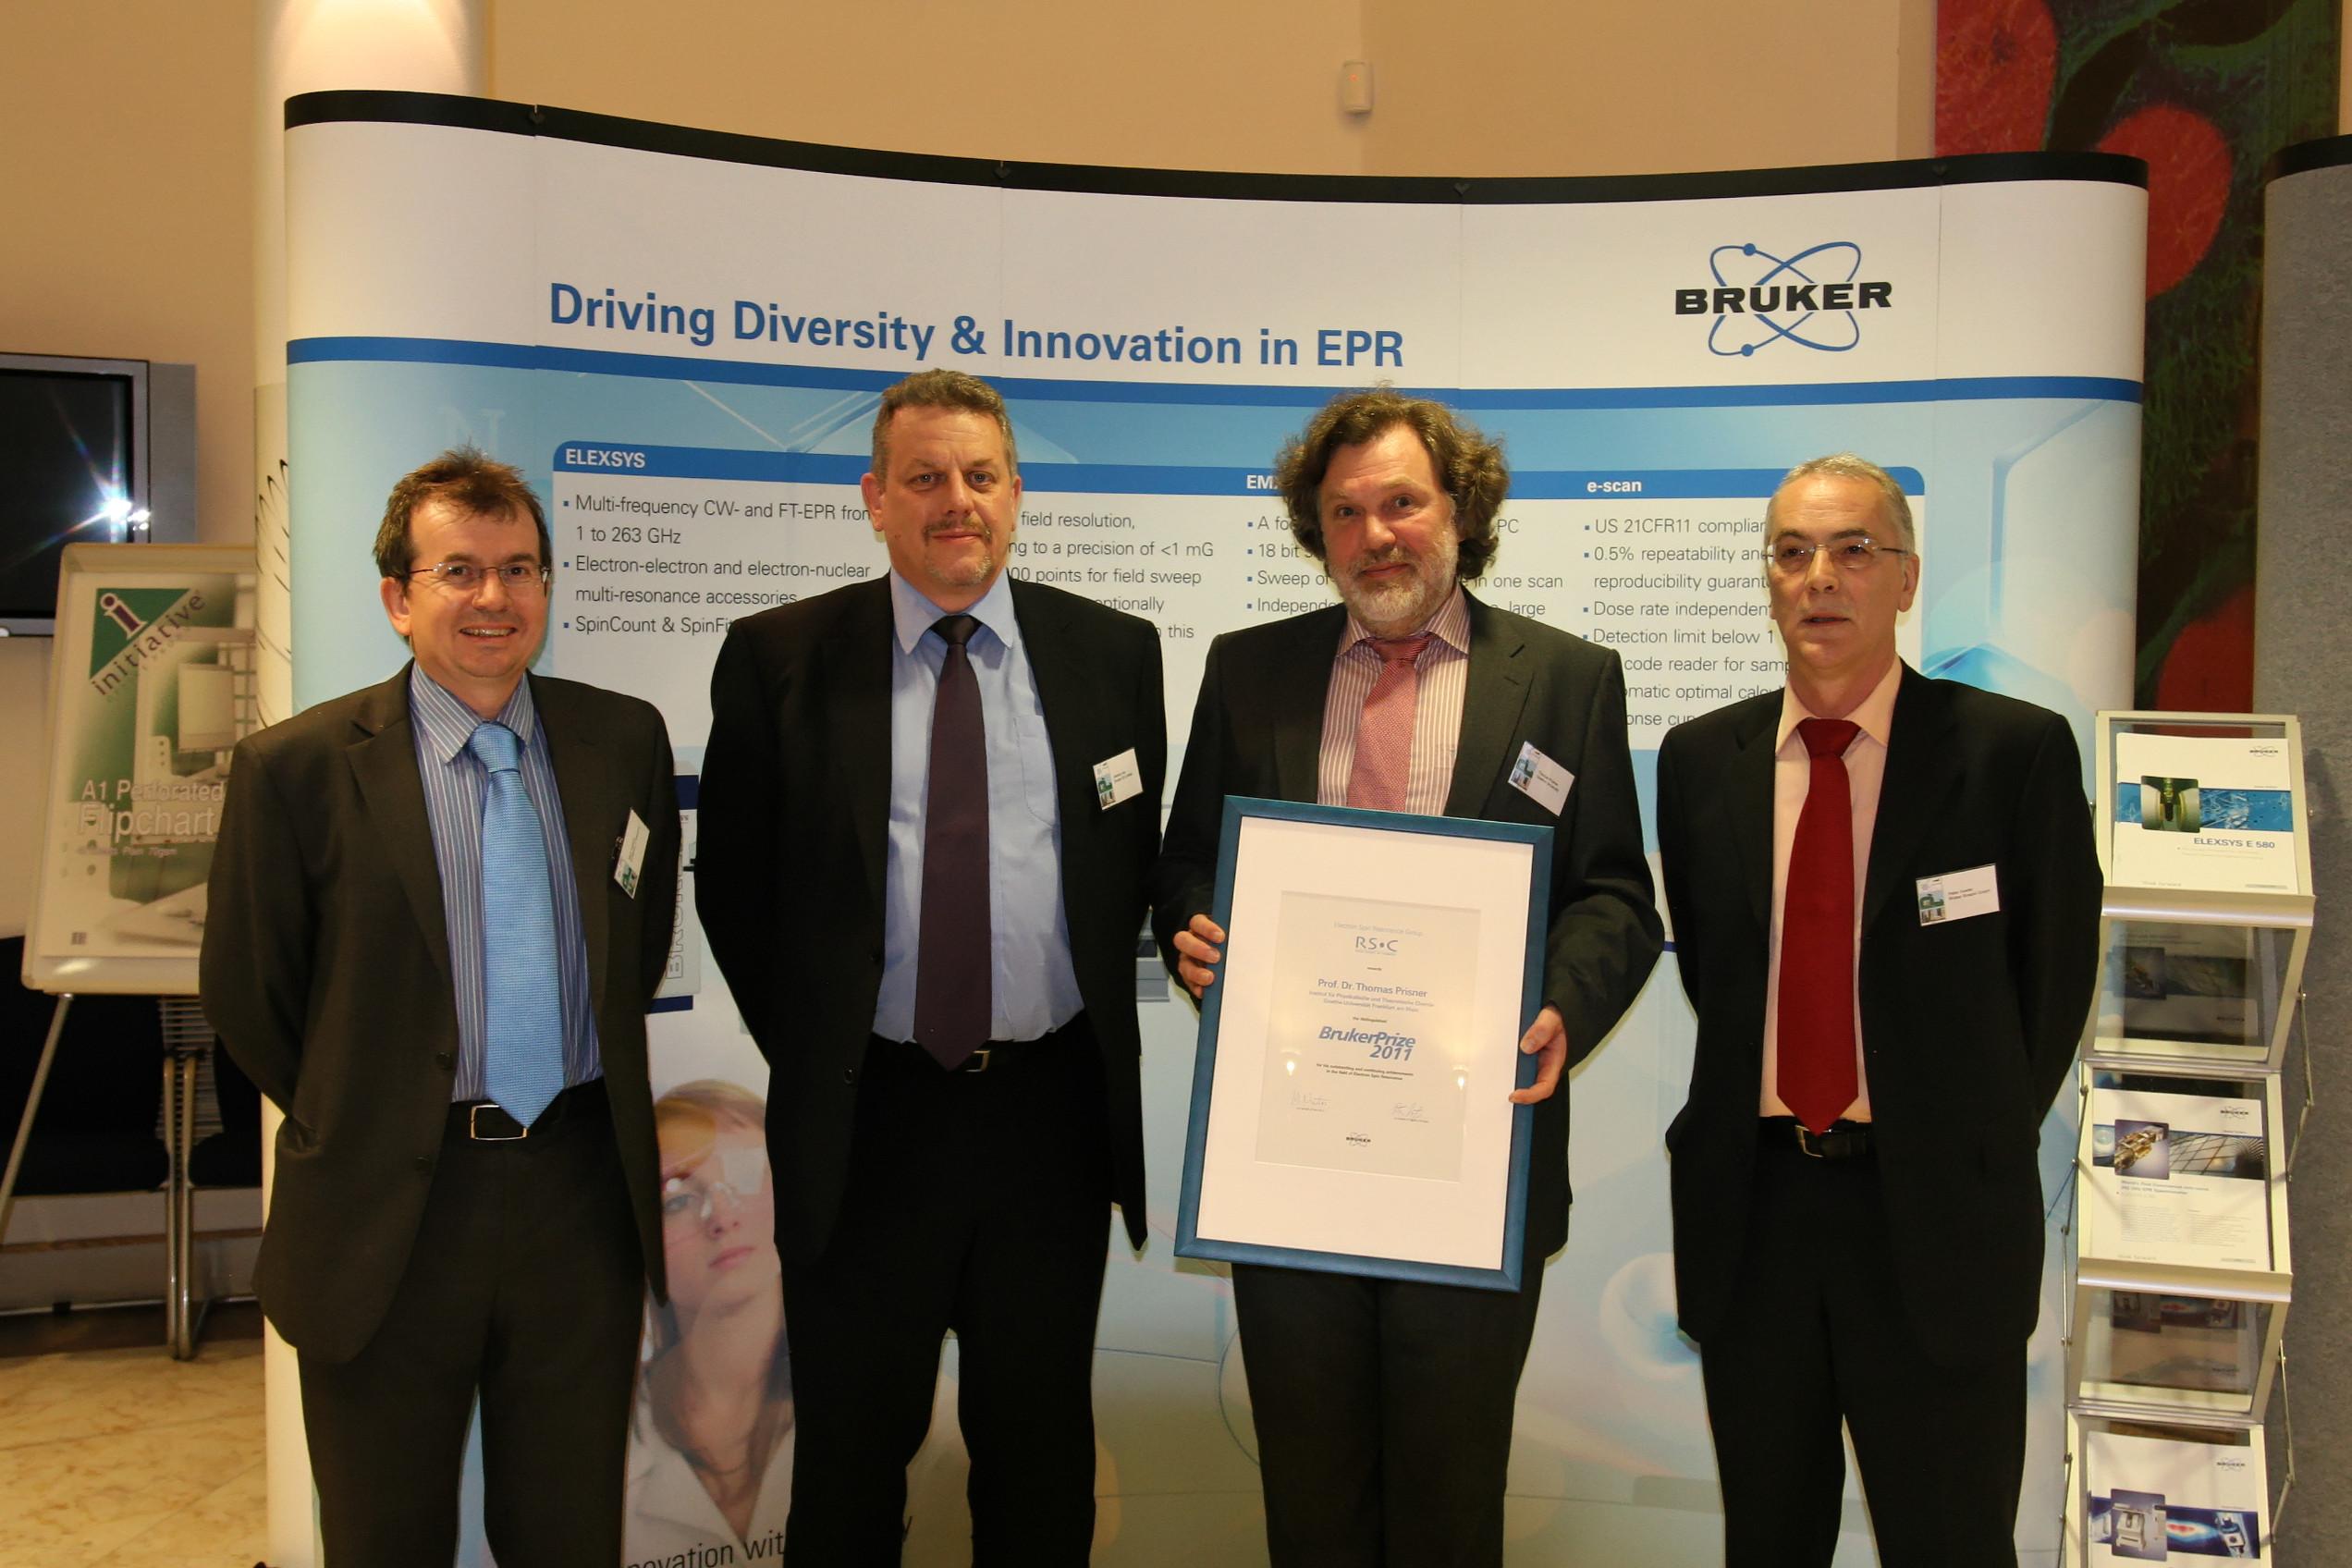 Bruker Prize 2011